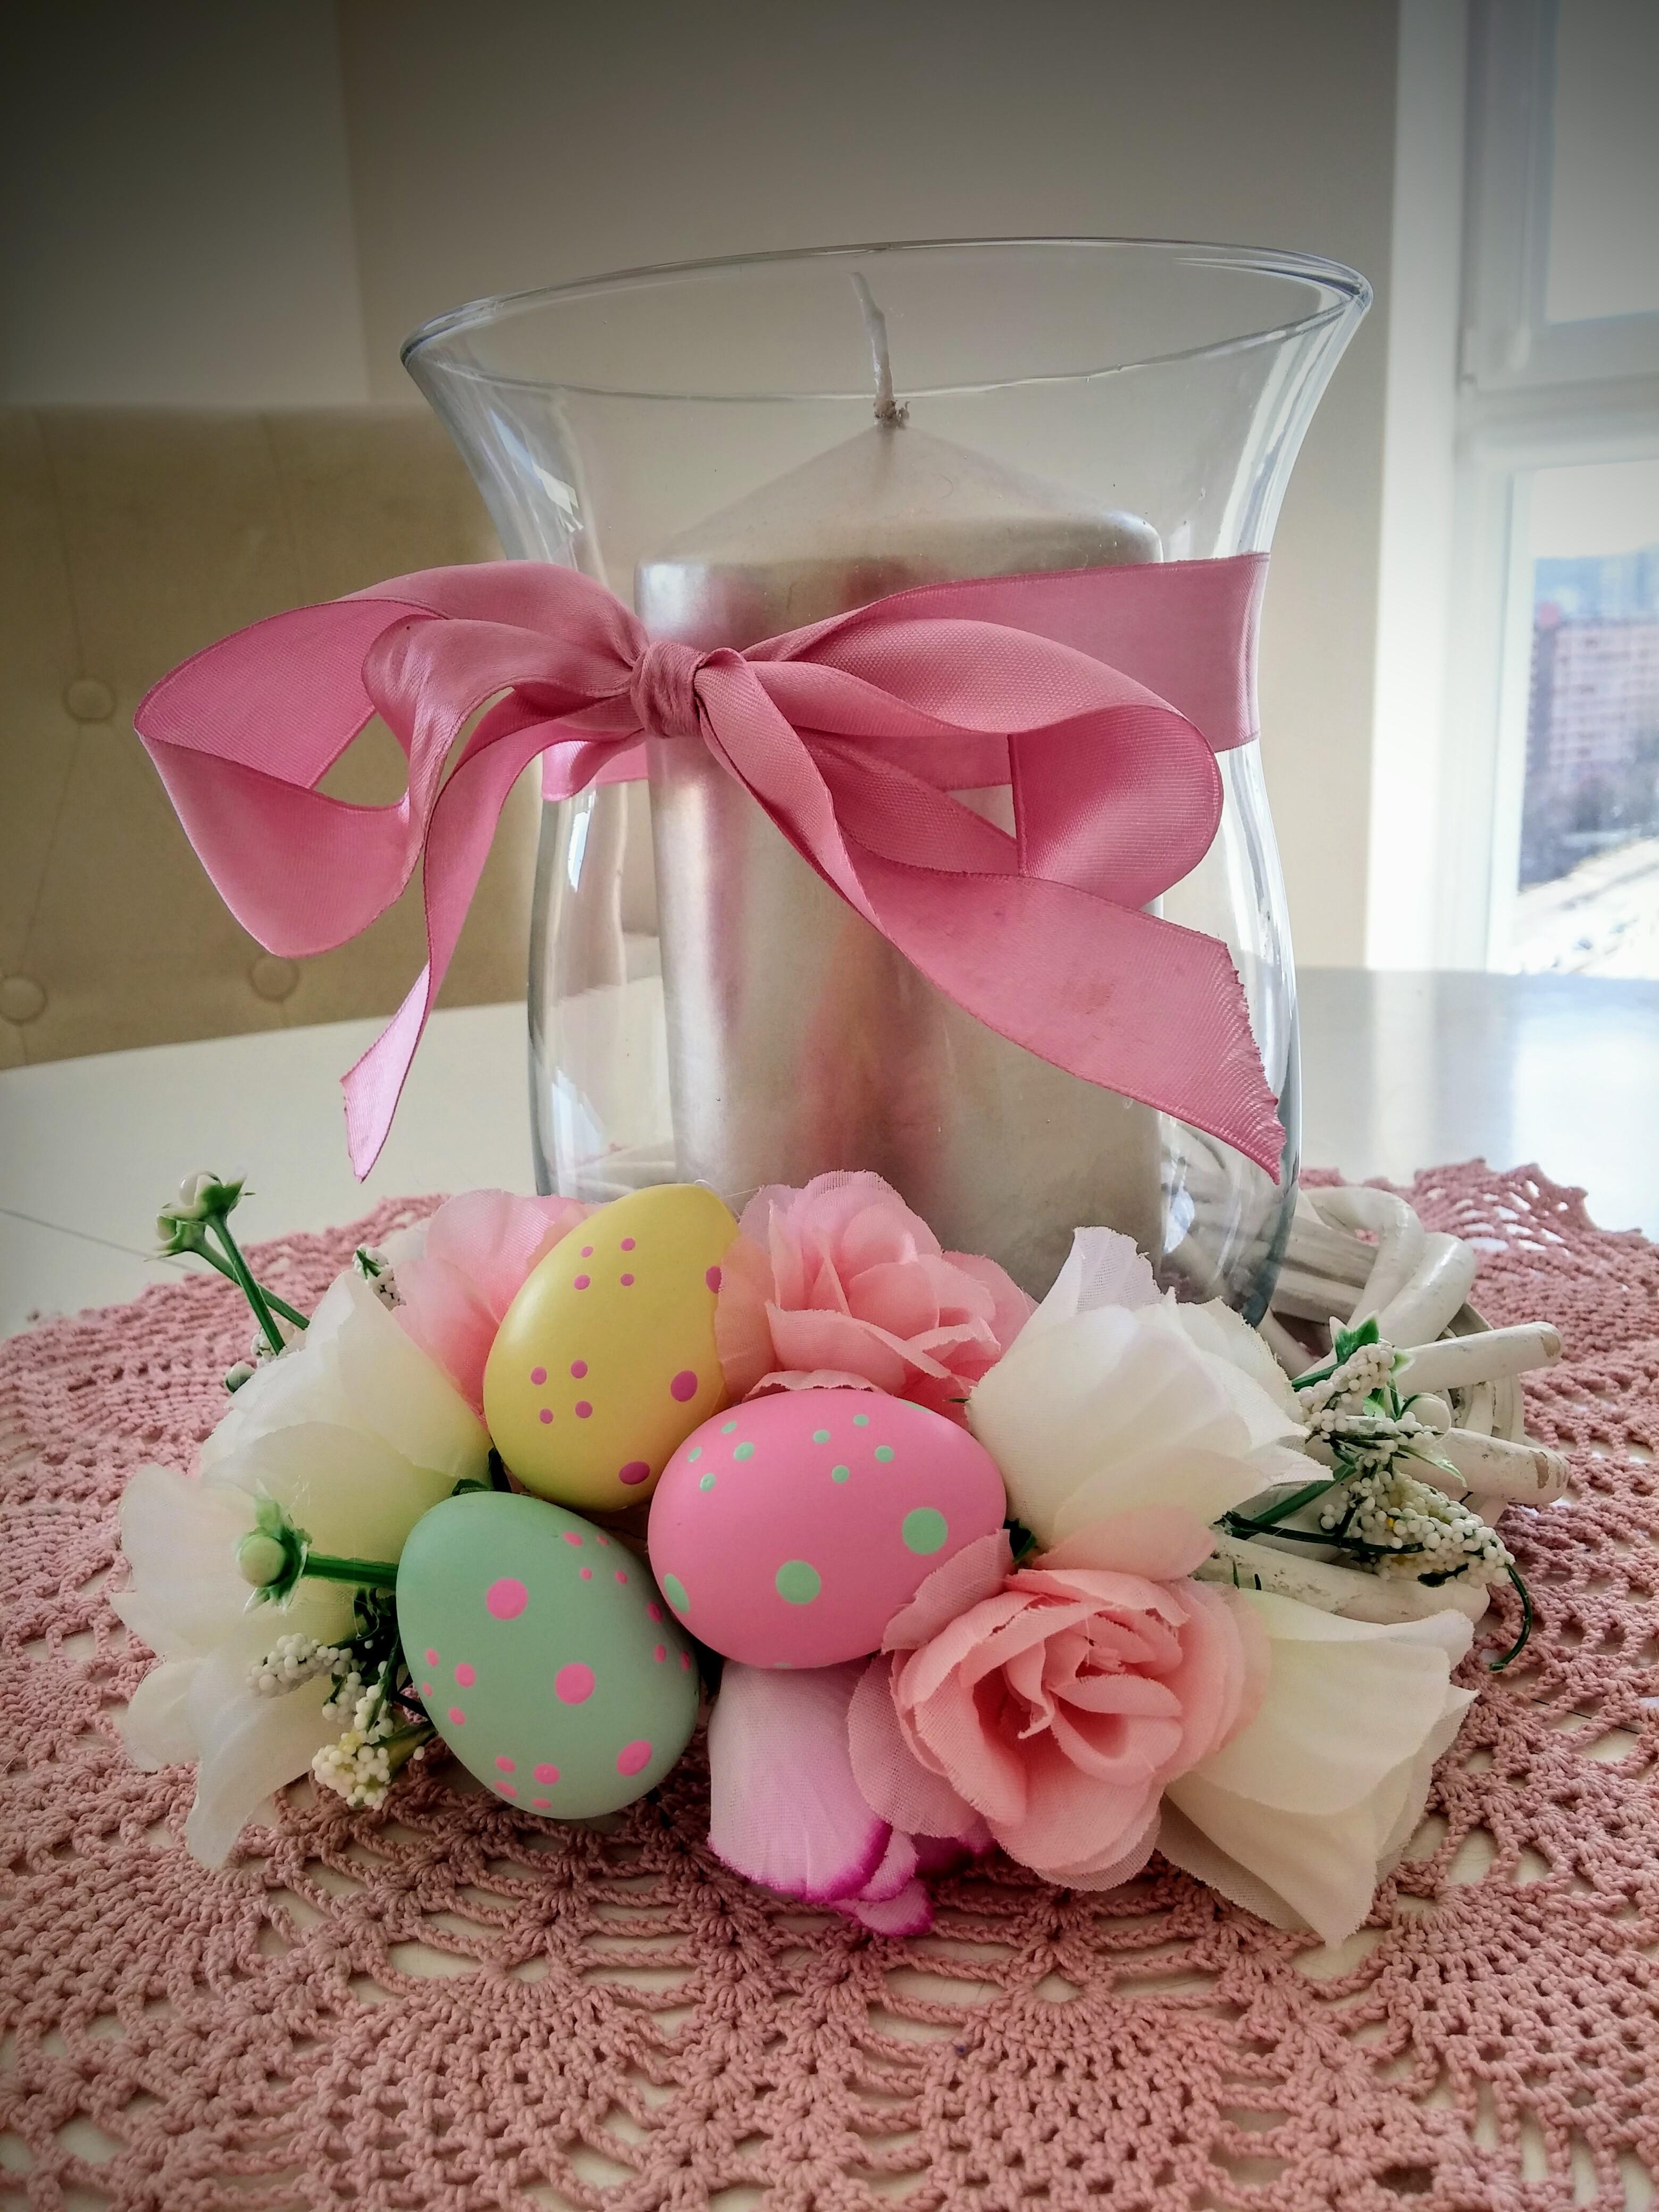 Jak Zrobić Wianek Wielkanocny Dodatki I Dekoracje świąteczne